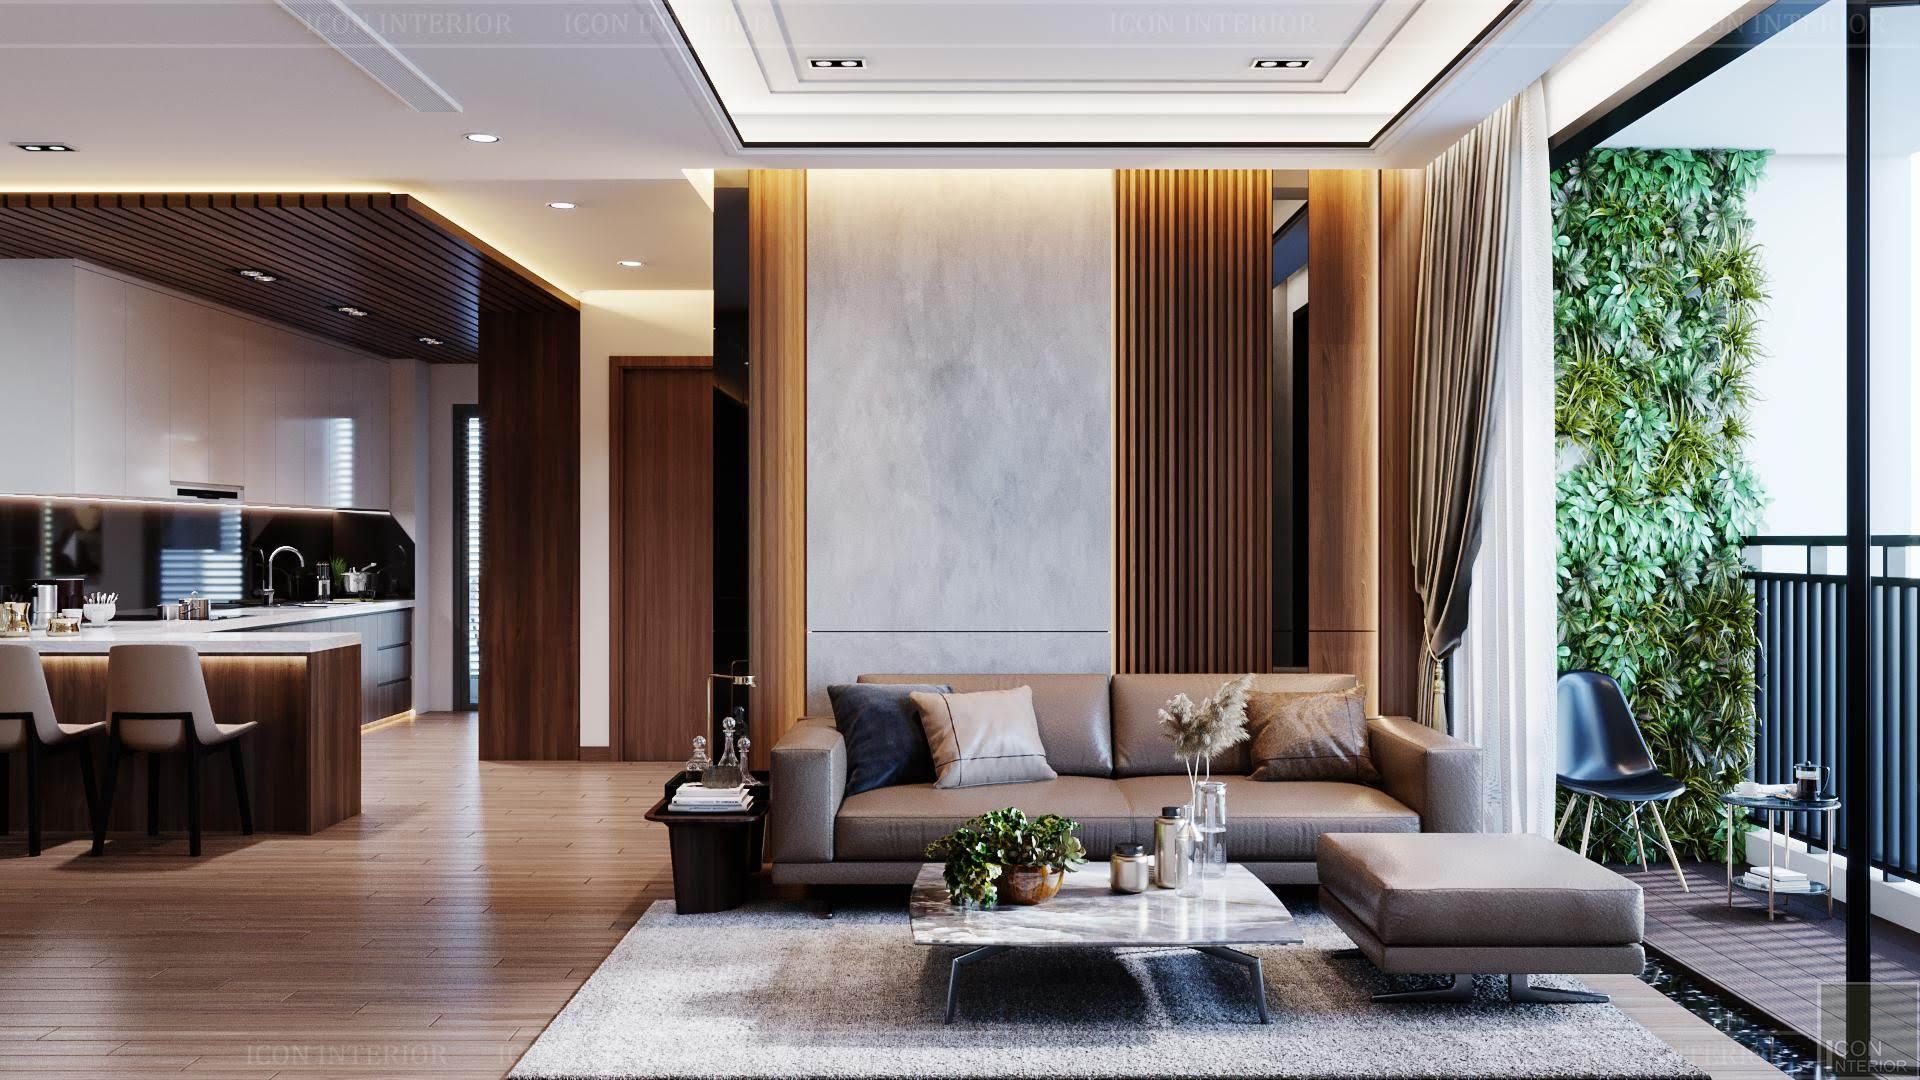 thiết kế nội thất phong cách hiện đại - phòng khách 2